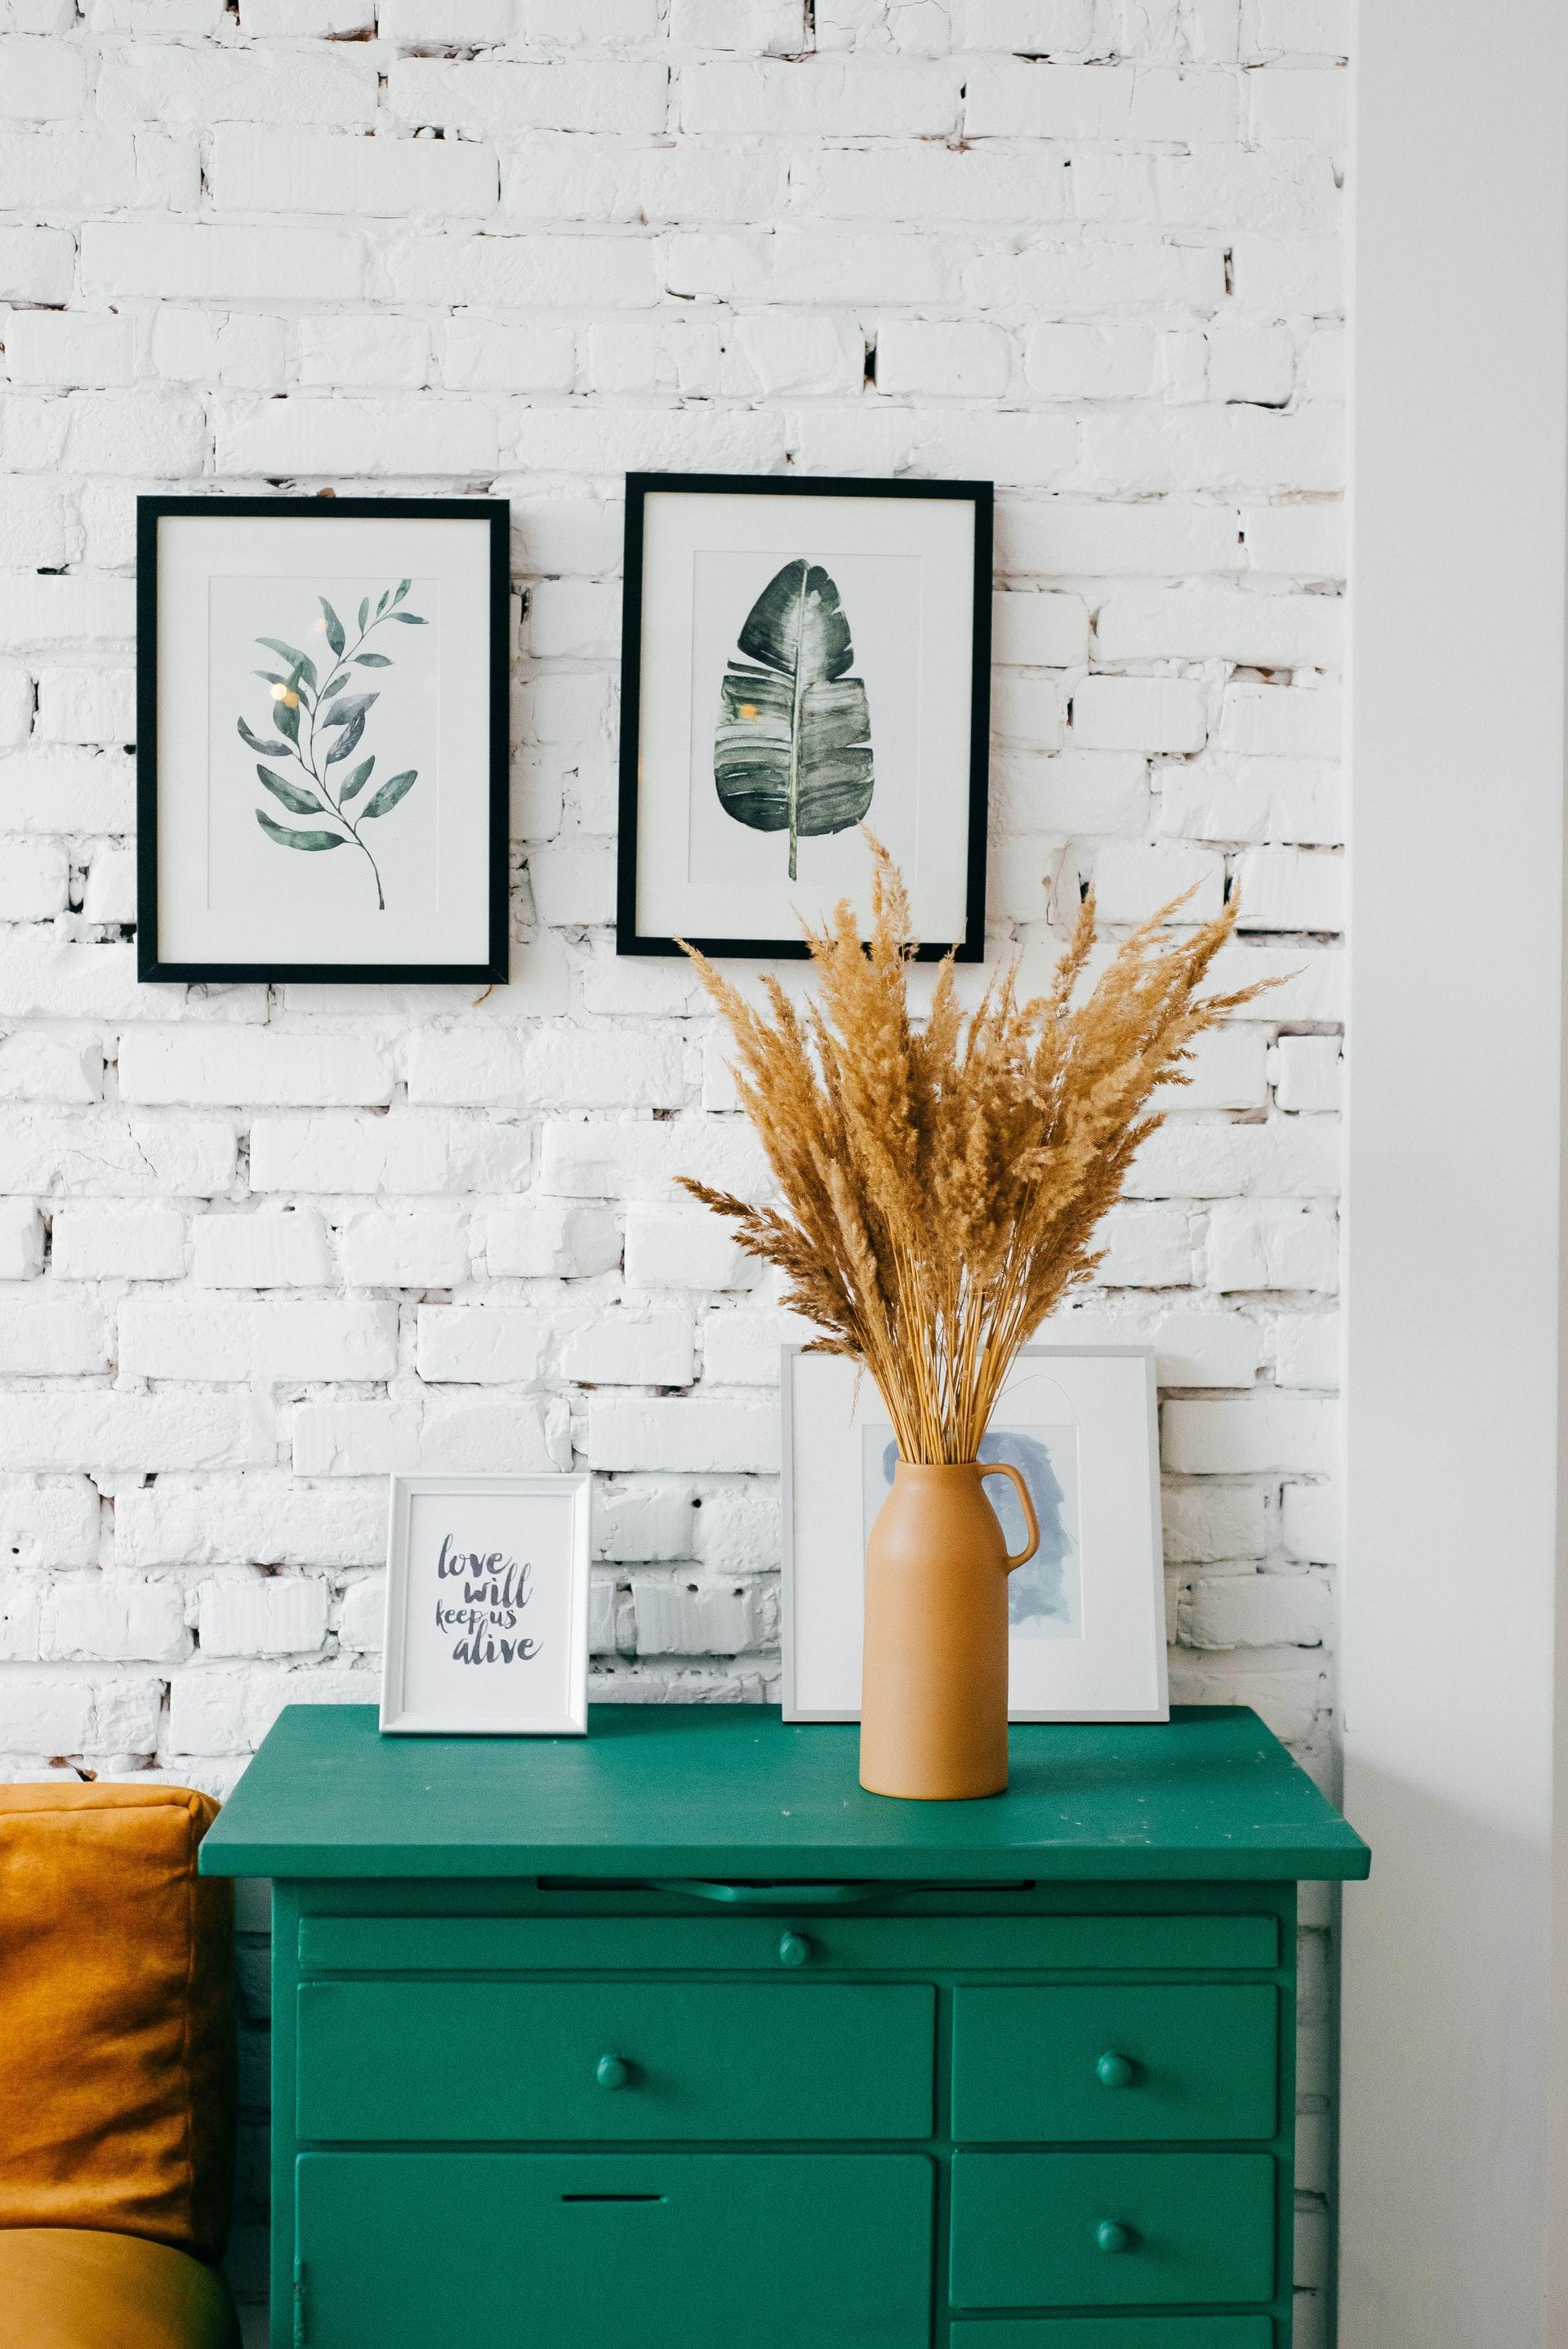 Giv dit hjem mere personlighed - gør brug af genbrugsmøbler